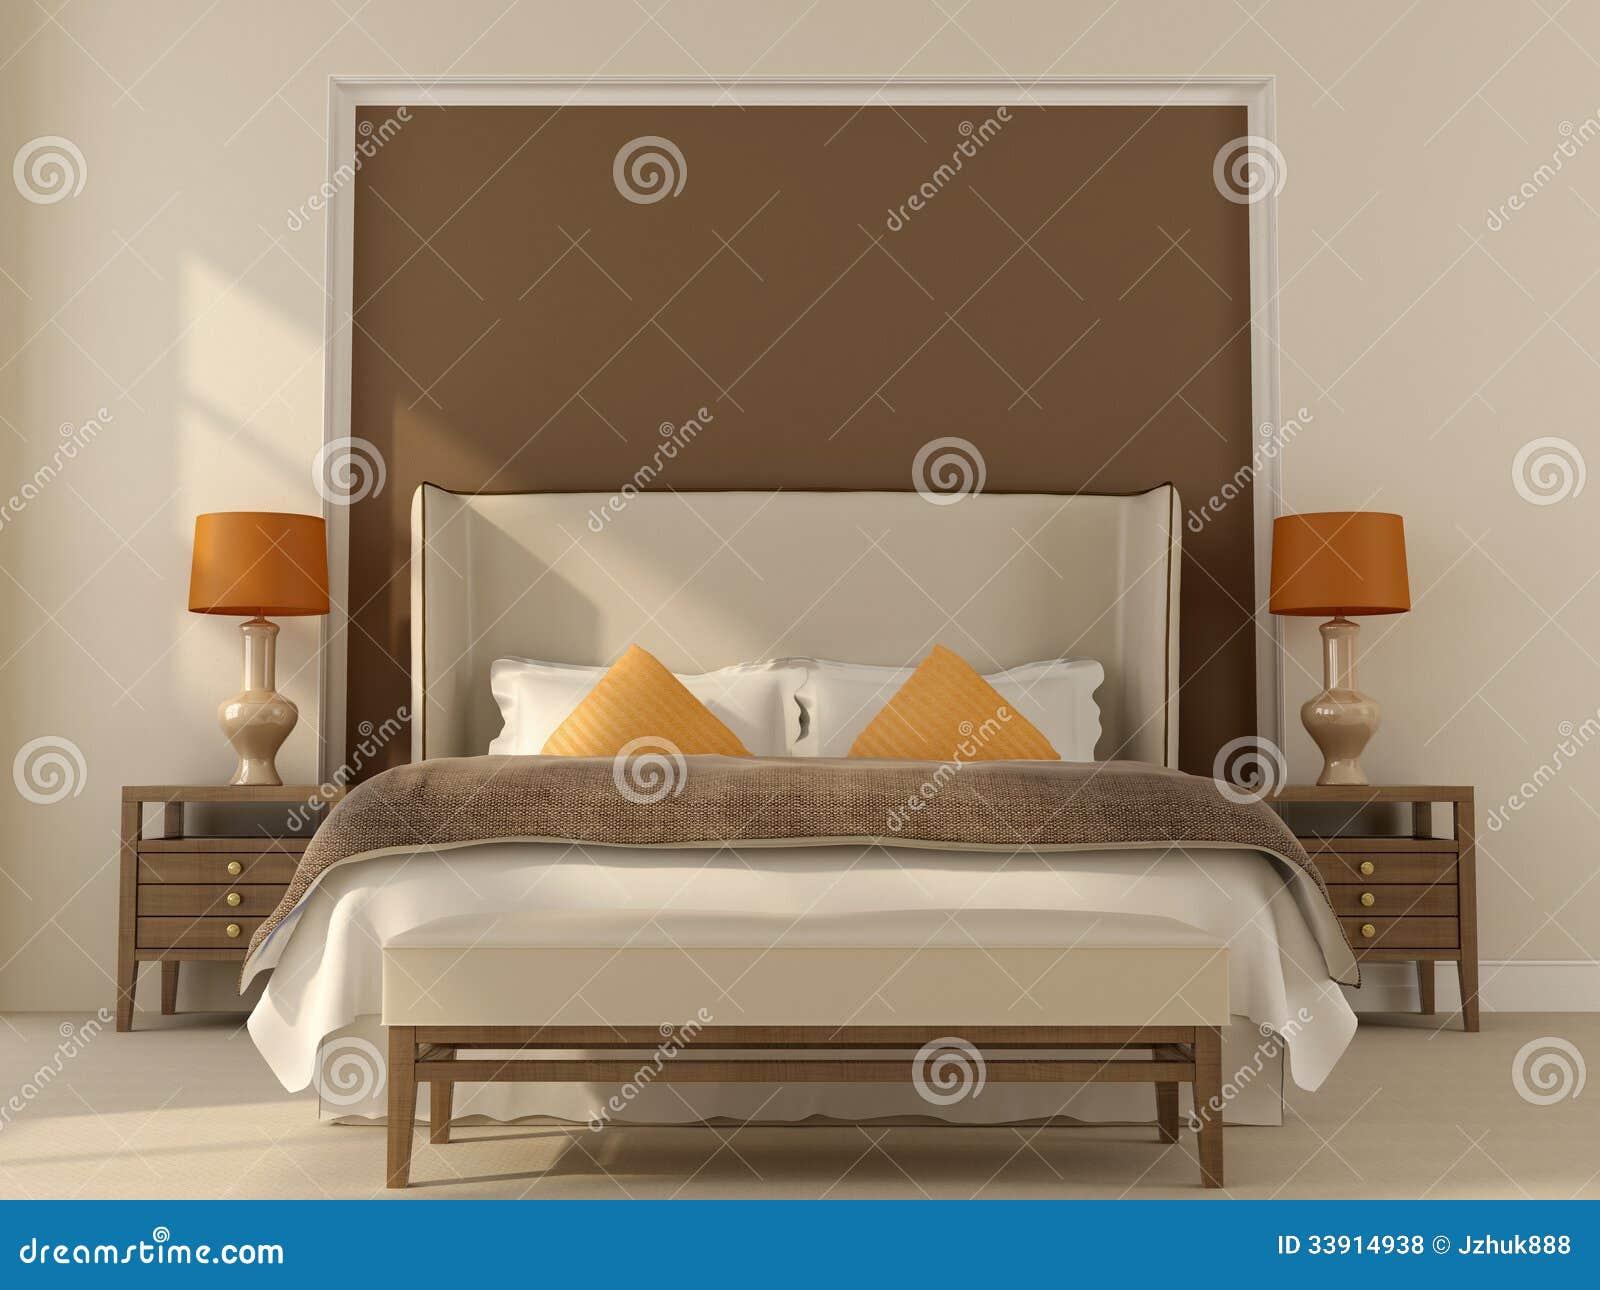 Slaapkamers Met Kleuren Ontwerp ~ anortiz.com for .